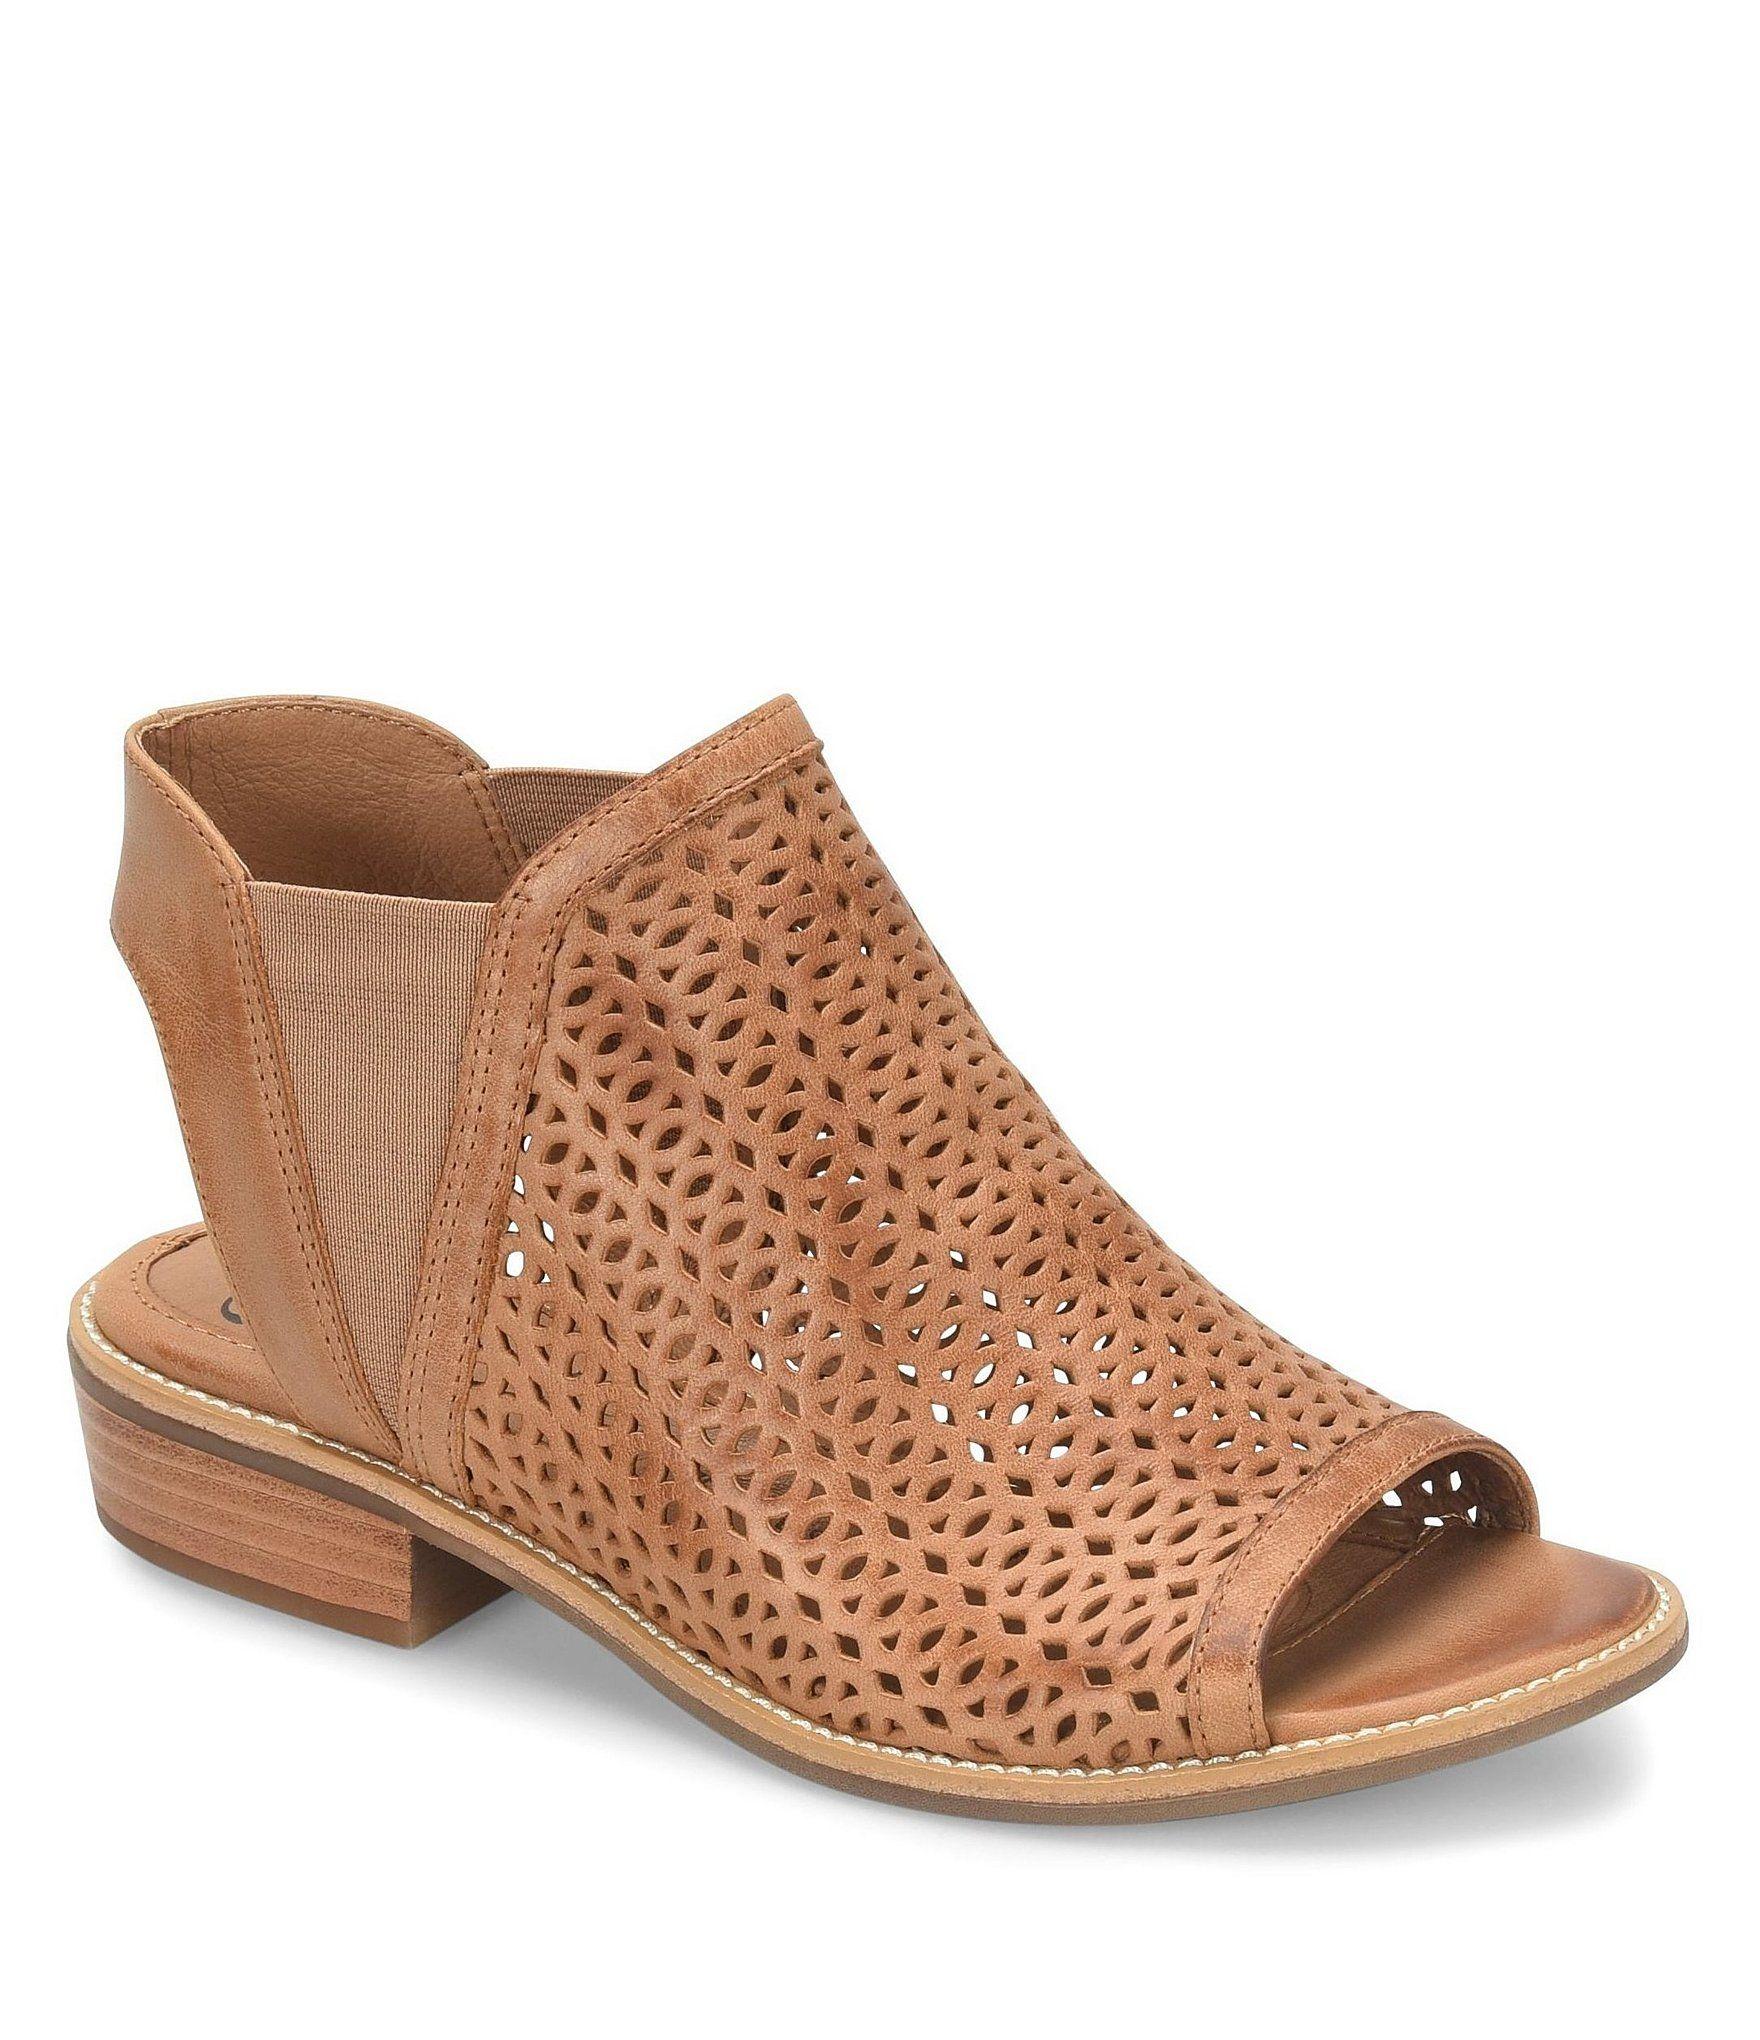 Sofft Nalda Leather Block Heel Sandals